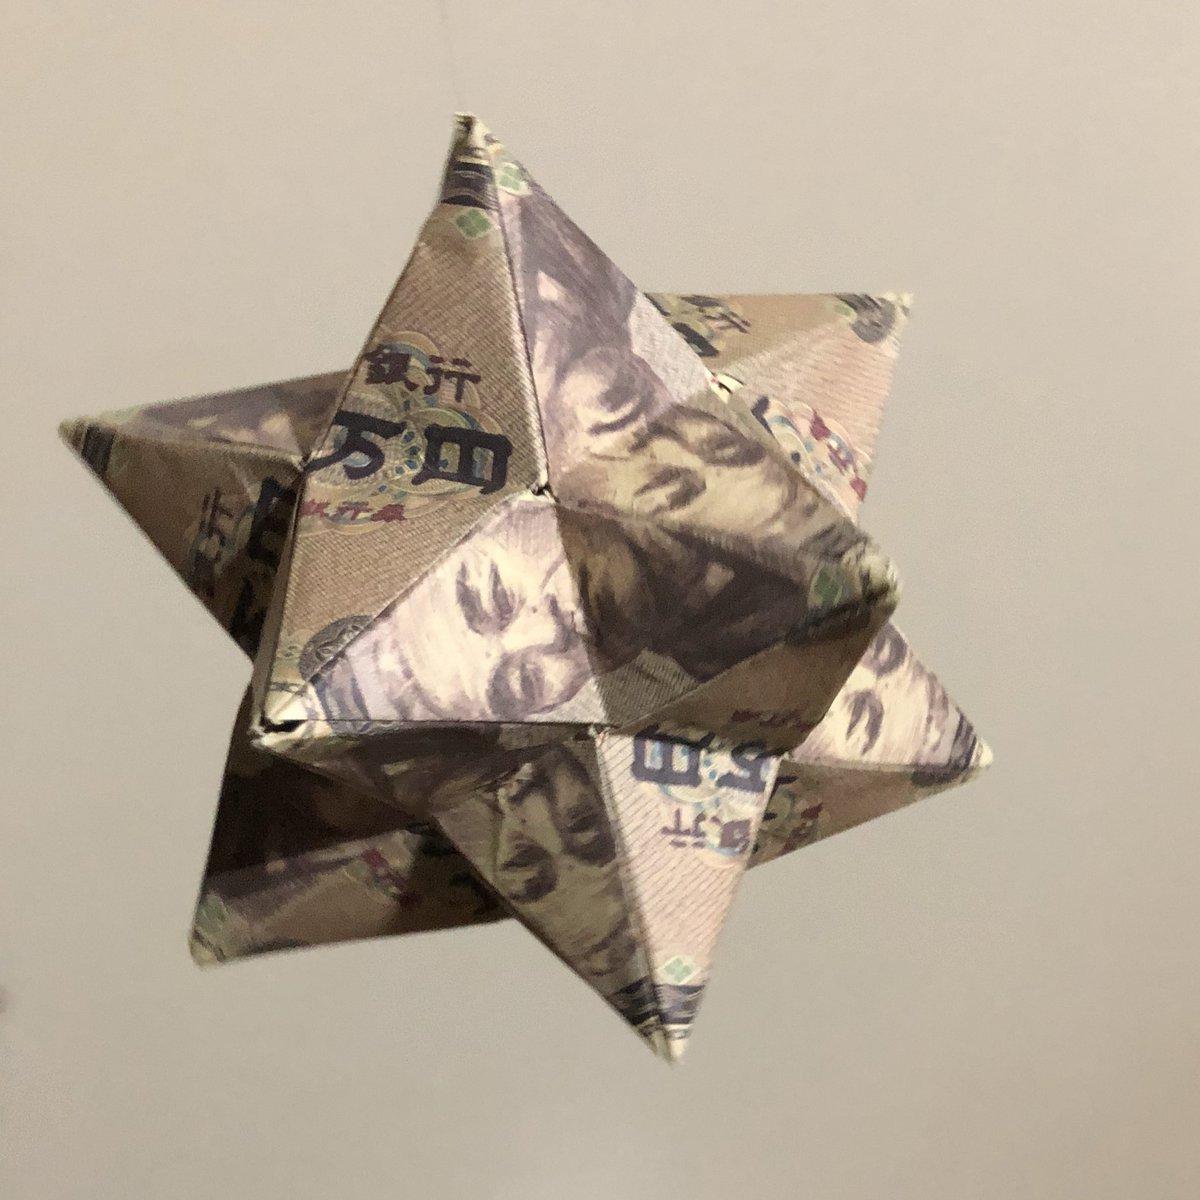 test ツイッターメディア - 禁じられた遊び  子供の頃お金で遊んじゃいけませんって言われてましたが今日ぐらいいいでしょう。  星にお金くださいと祈ってみました。  (15万円分のおもちゃ紙幣で)  #折り紙 #多面体折り紙 #ダイソー https://t.co/G3LR1jmJaf